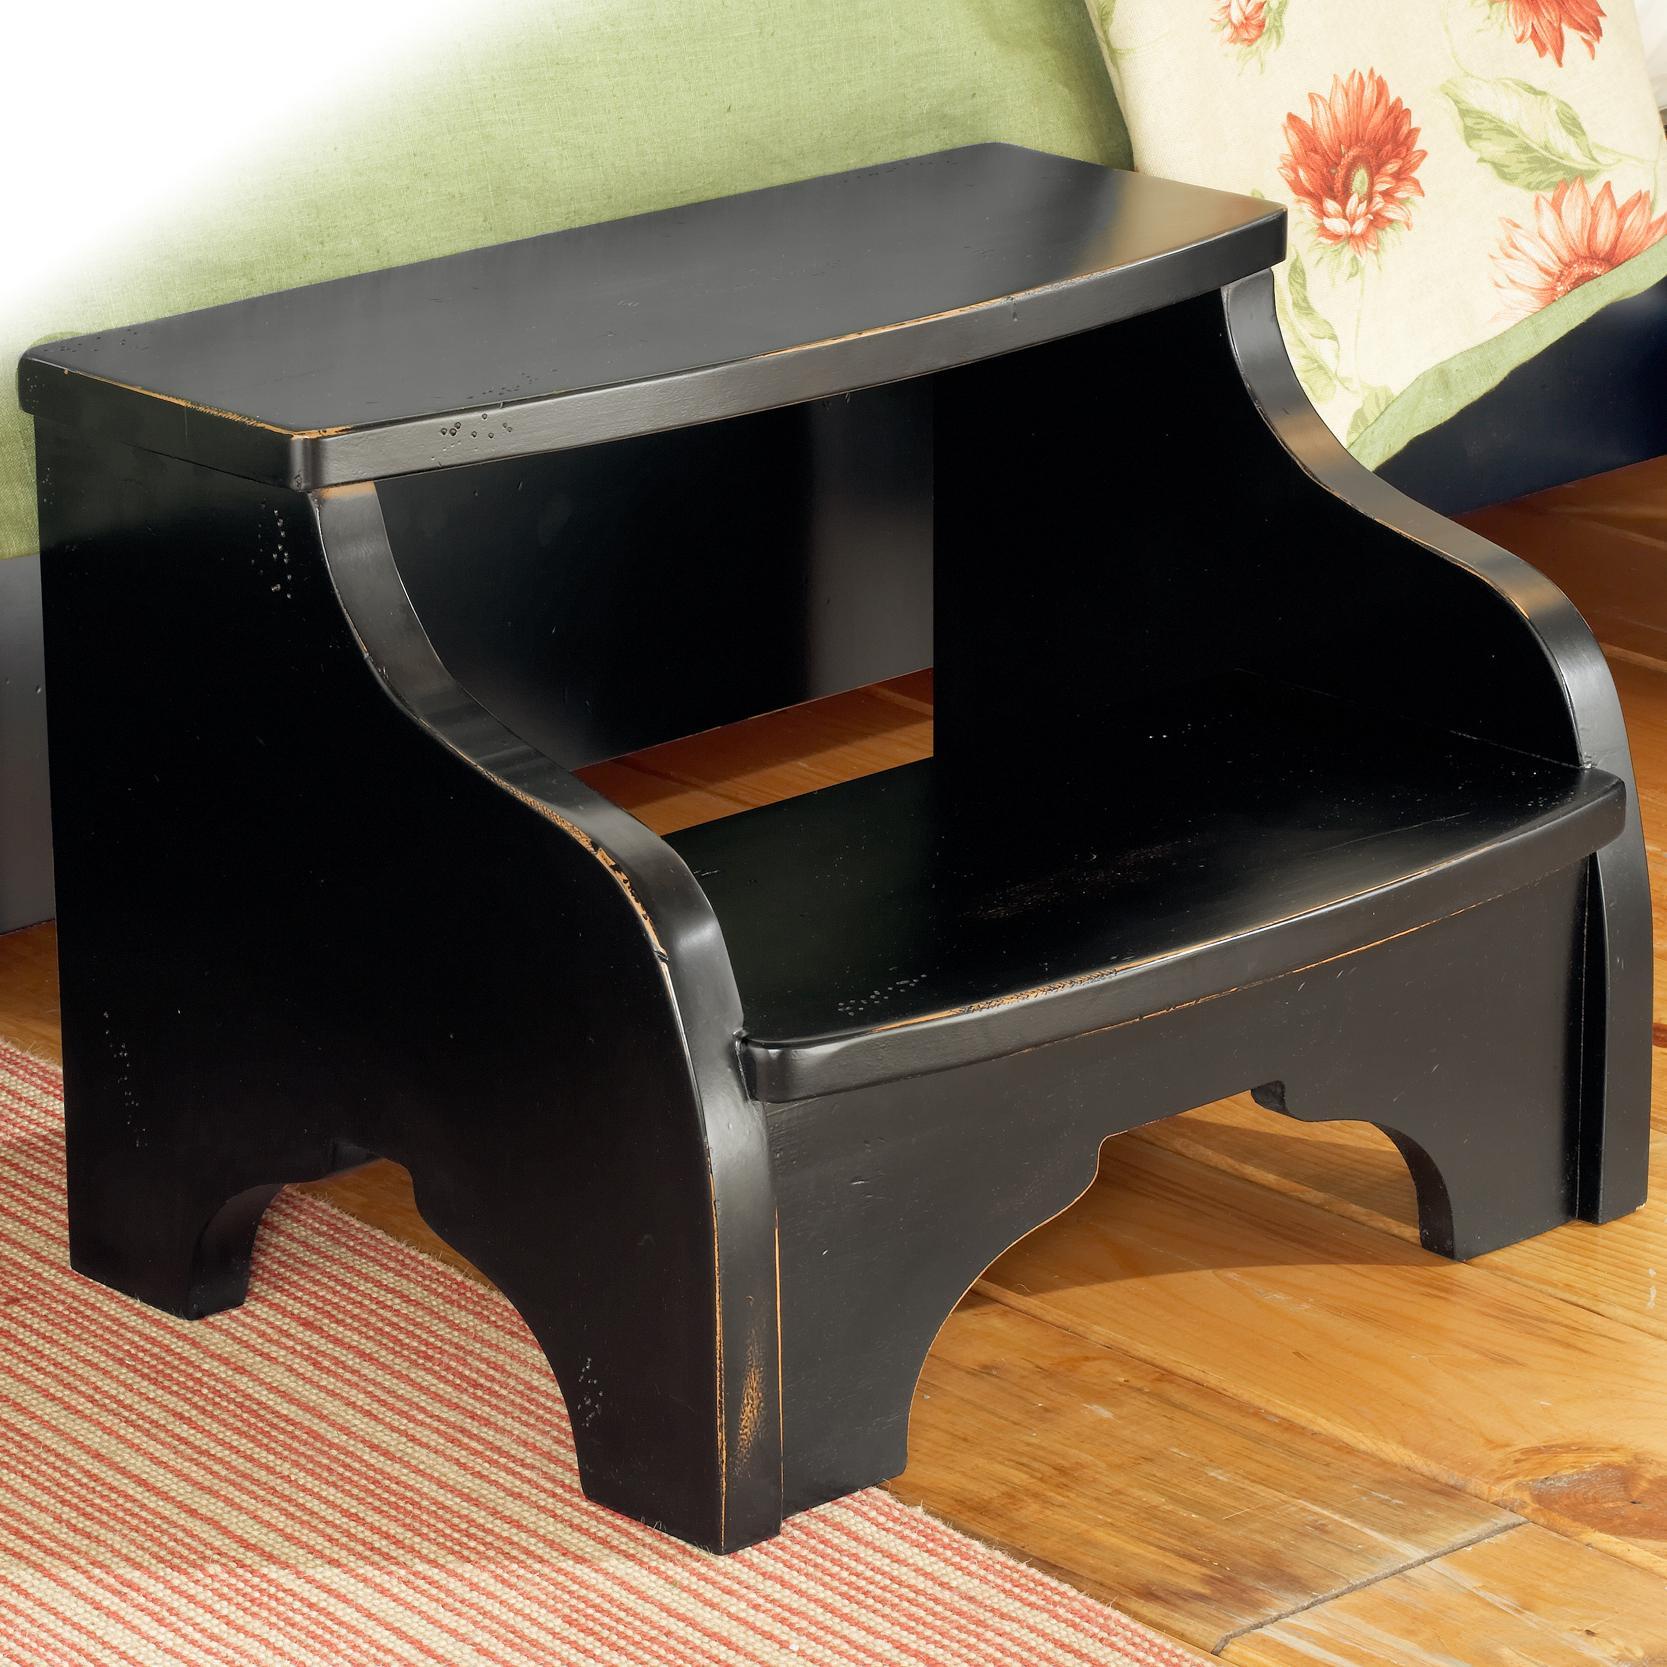 American Woodcrafters Heirloom Footstool - Item Number: 2900-775